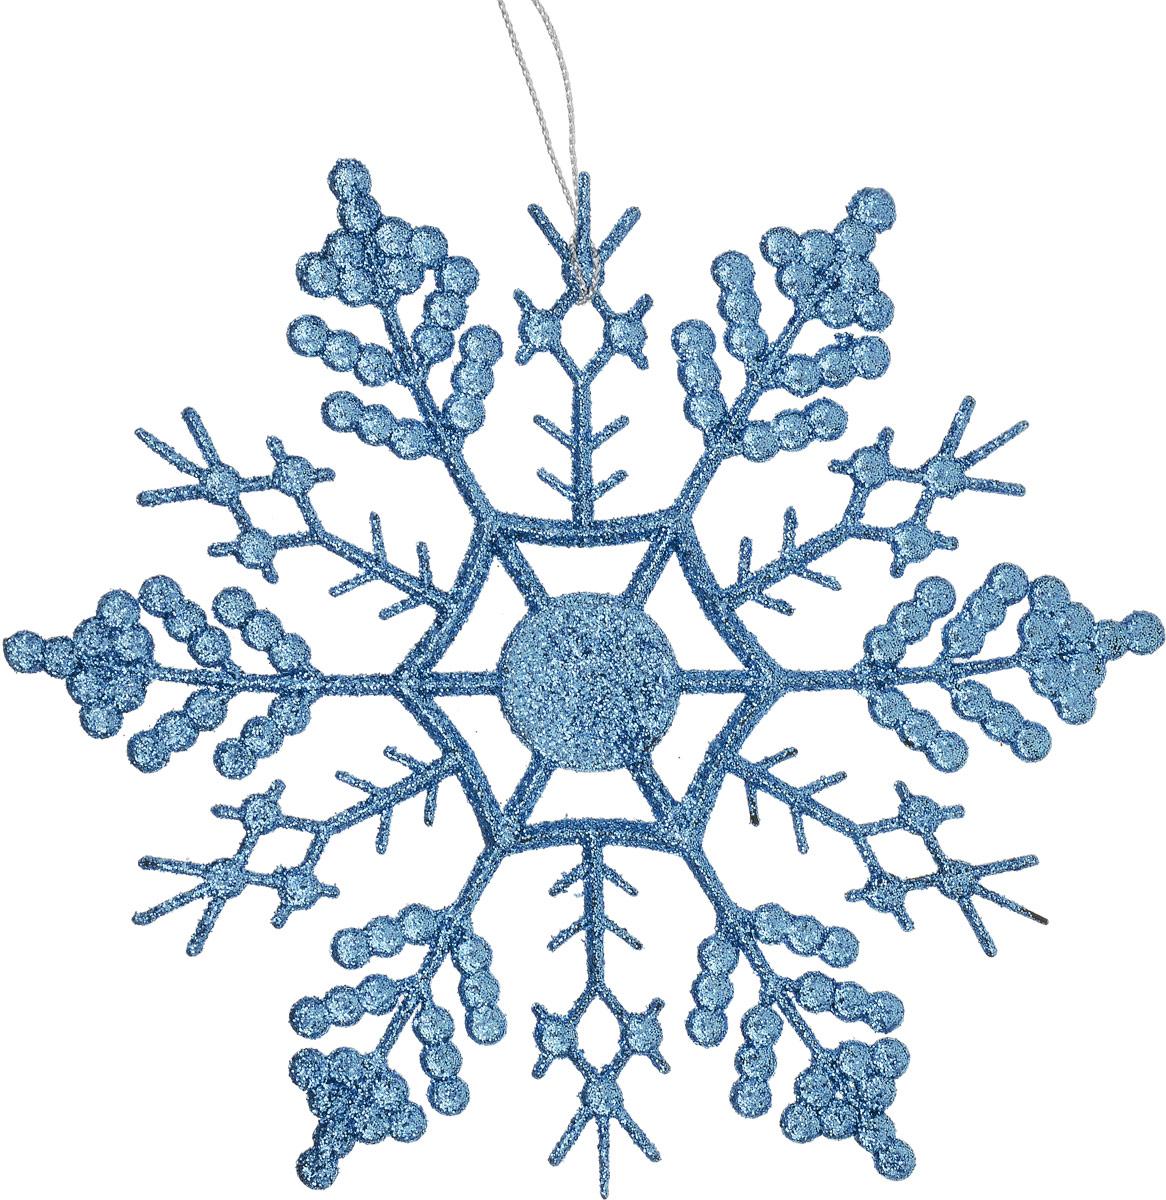 Украшение новогоднее подвесное Magic Time Снежинка-паутинка, цвет: голубой, 16,5 х 16,5 см. 7509875098Новогоднее украшение Magic Time Снежинка-паутинка отлично подойдет для декорации вашего дома и новогодней ели. Украшение выполнено из высококачественного пластика и оформлено блестками. Изделие оснащено текстильной петелькой, с помощью которой его можно повесить в любом понравившемся вам месте. Елочная игрушка - символ Нового года. Она несет в себе волшебство и красоту праздника. Создайте в своем доме атмосферу веселья и радости, украшая всей семьей новогоднюю елку нарядными игрушками, которые будут из года в год накапливать теплоту воспоминаний.